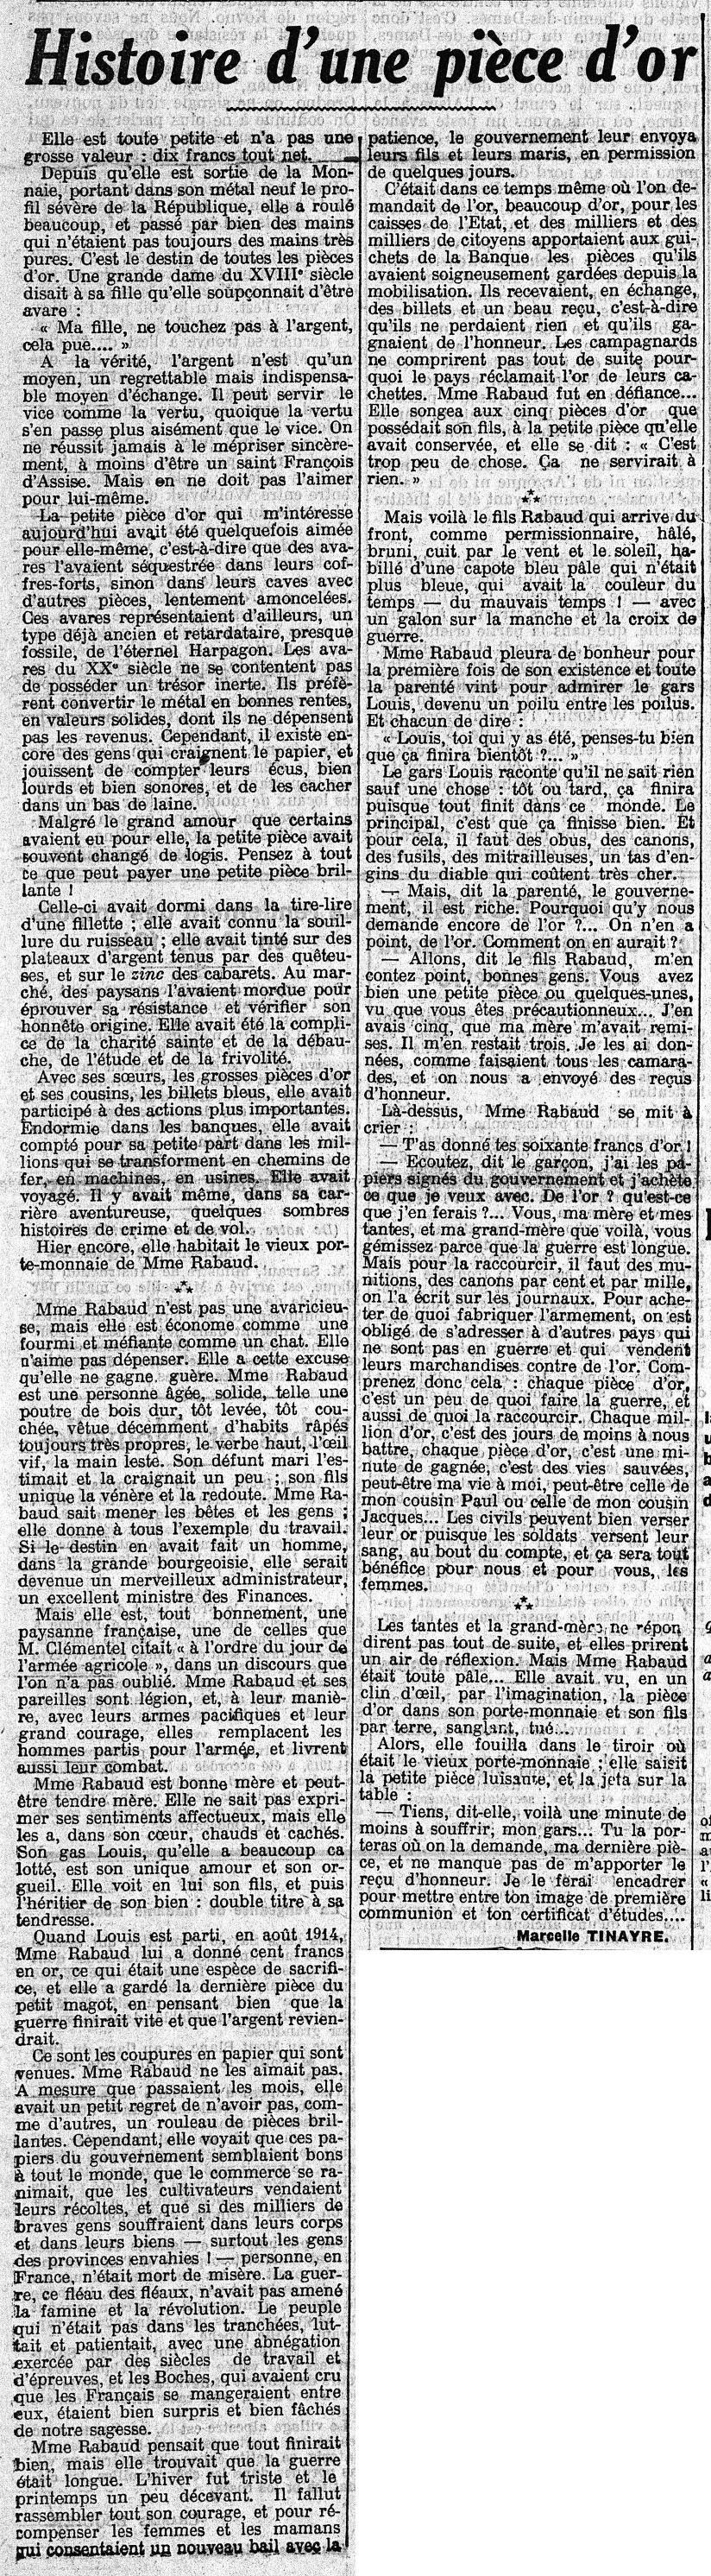 13 septembre 1915